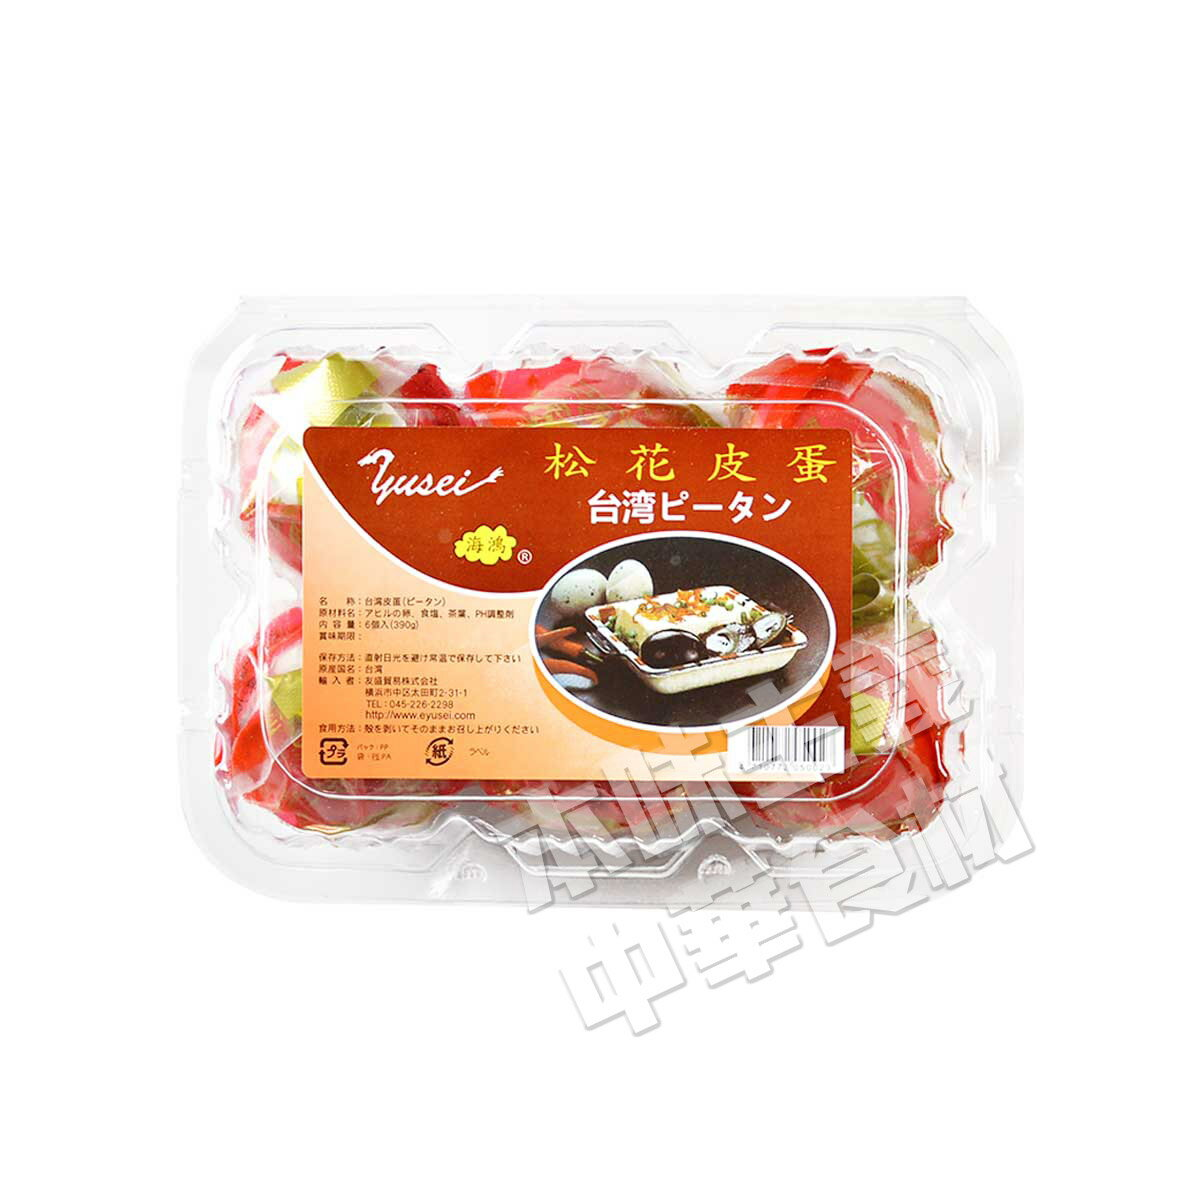 友盛海鴻牌台湾松花皮蛋(ピータン) 中華食材調味料・中華料理人気商品・台湾風味名物